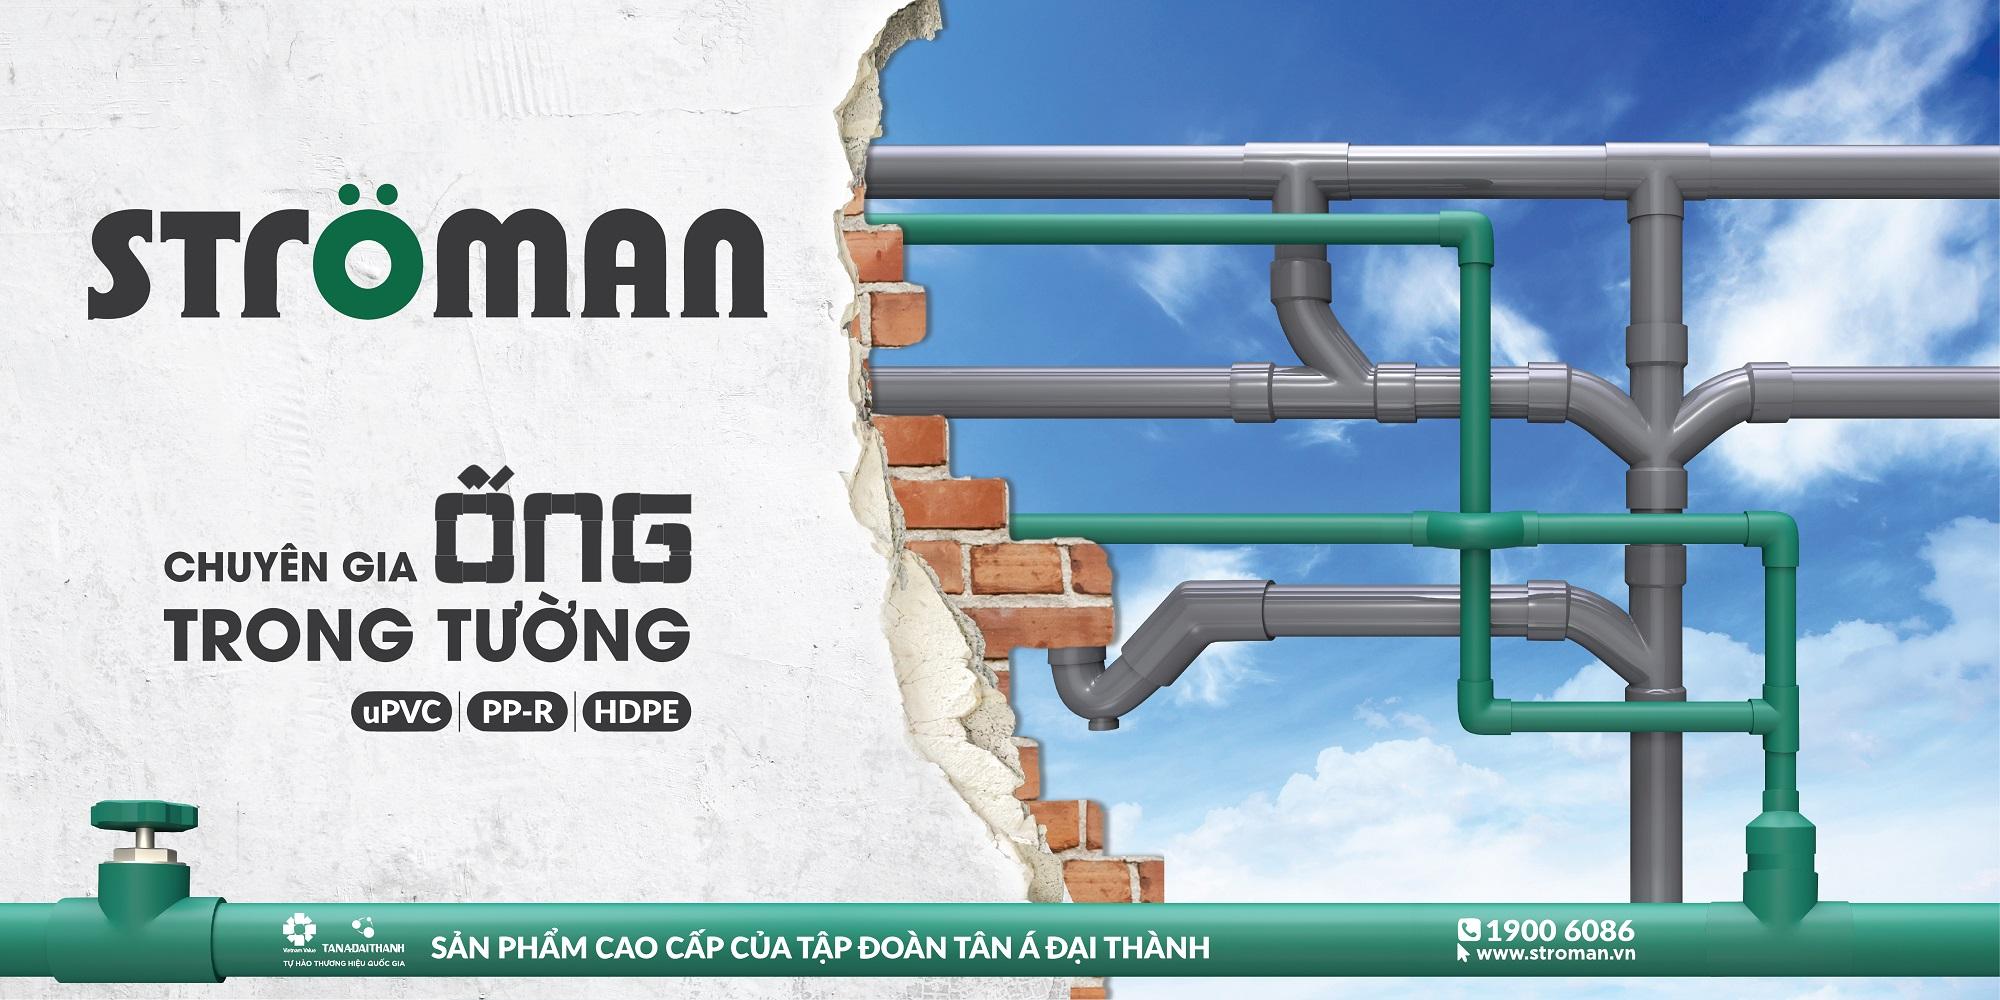 Vì sao khách hàng lựa chọn thương hiệu Ströman cho ống nước trong tường